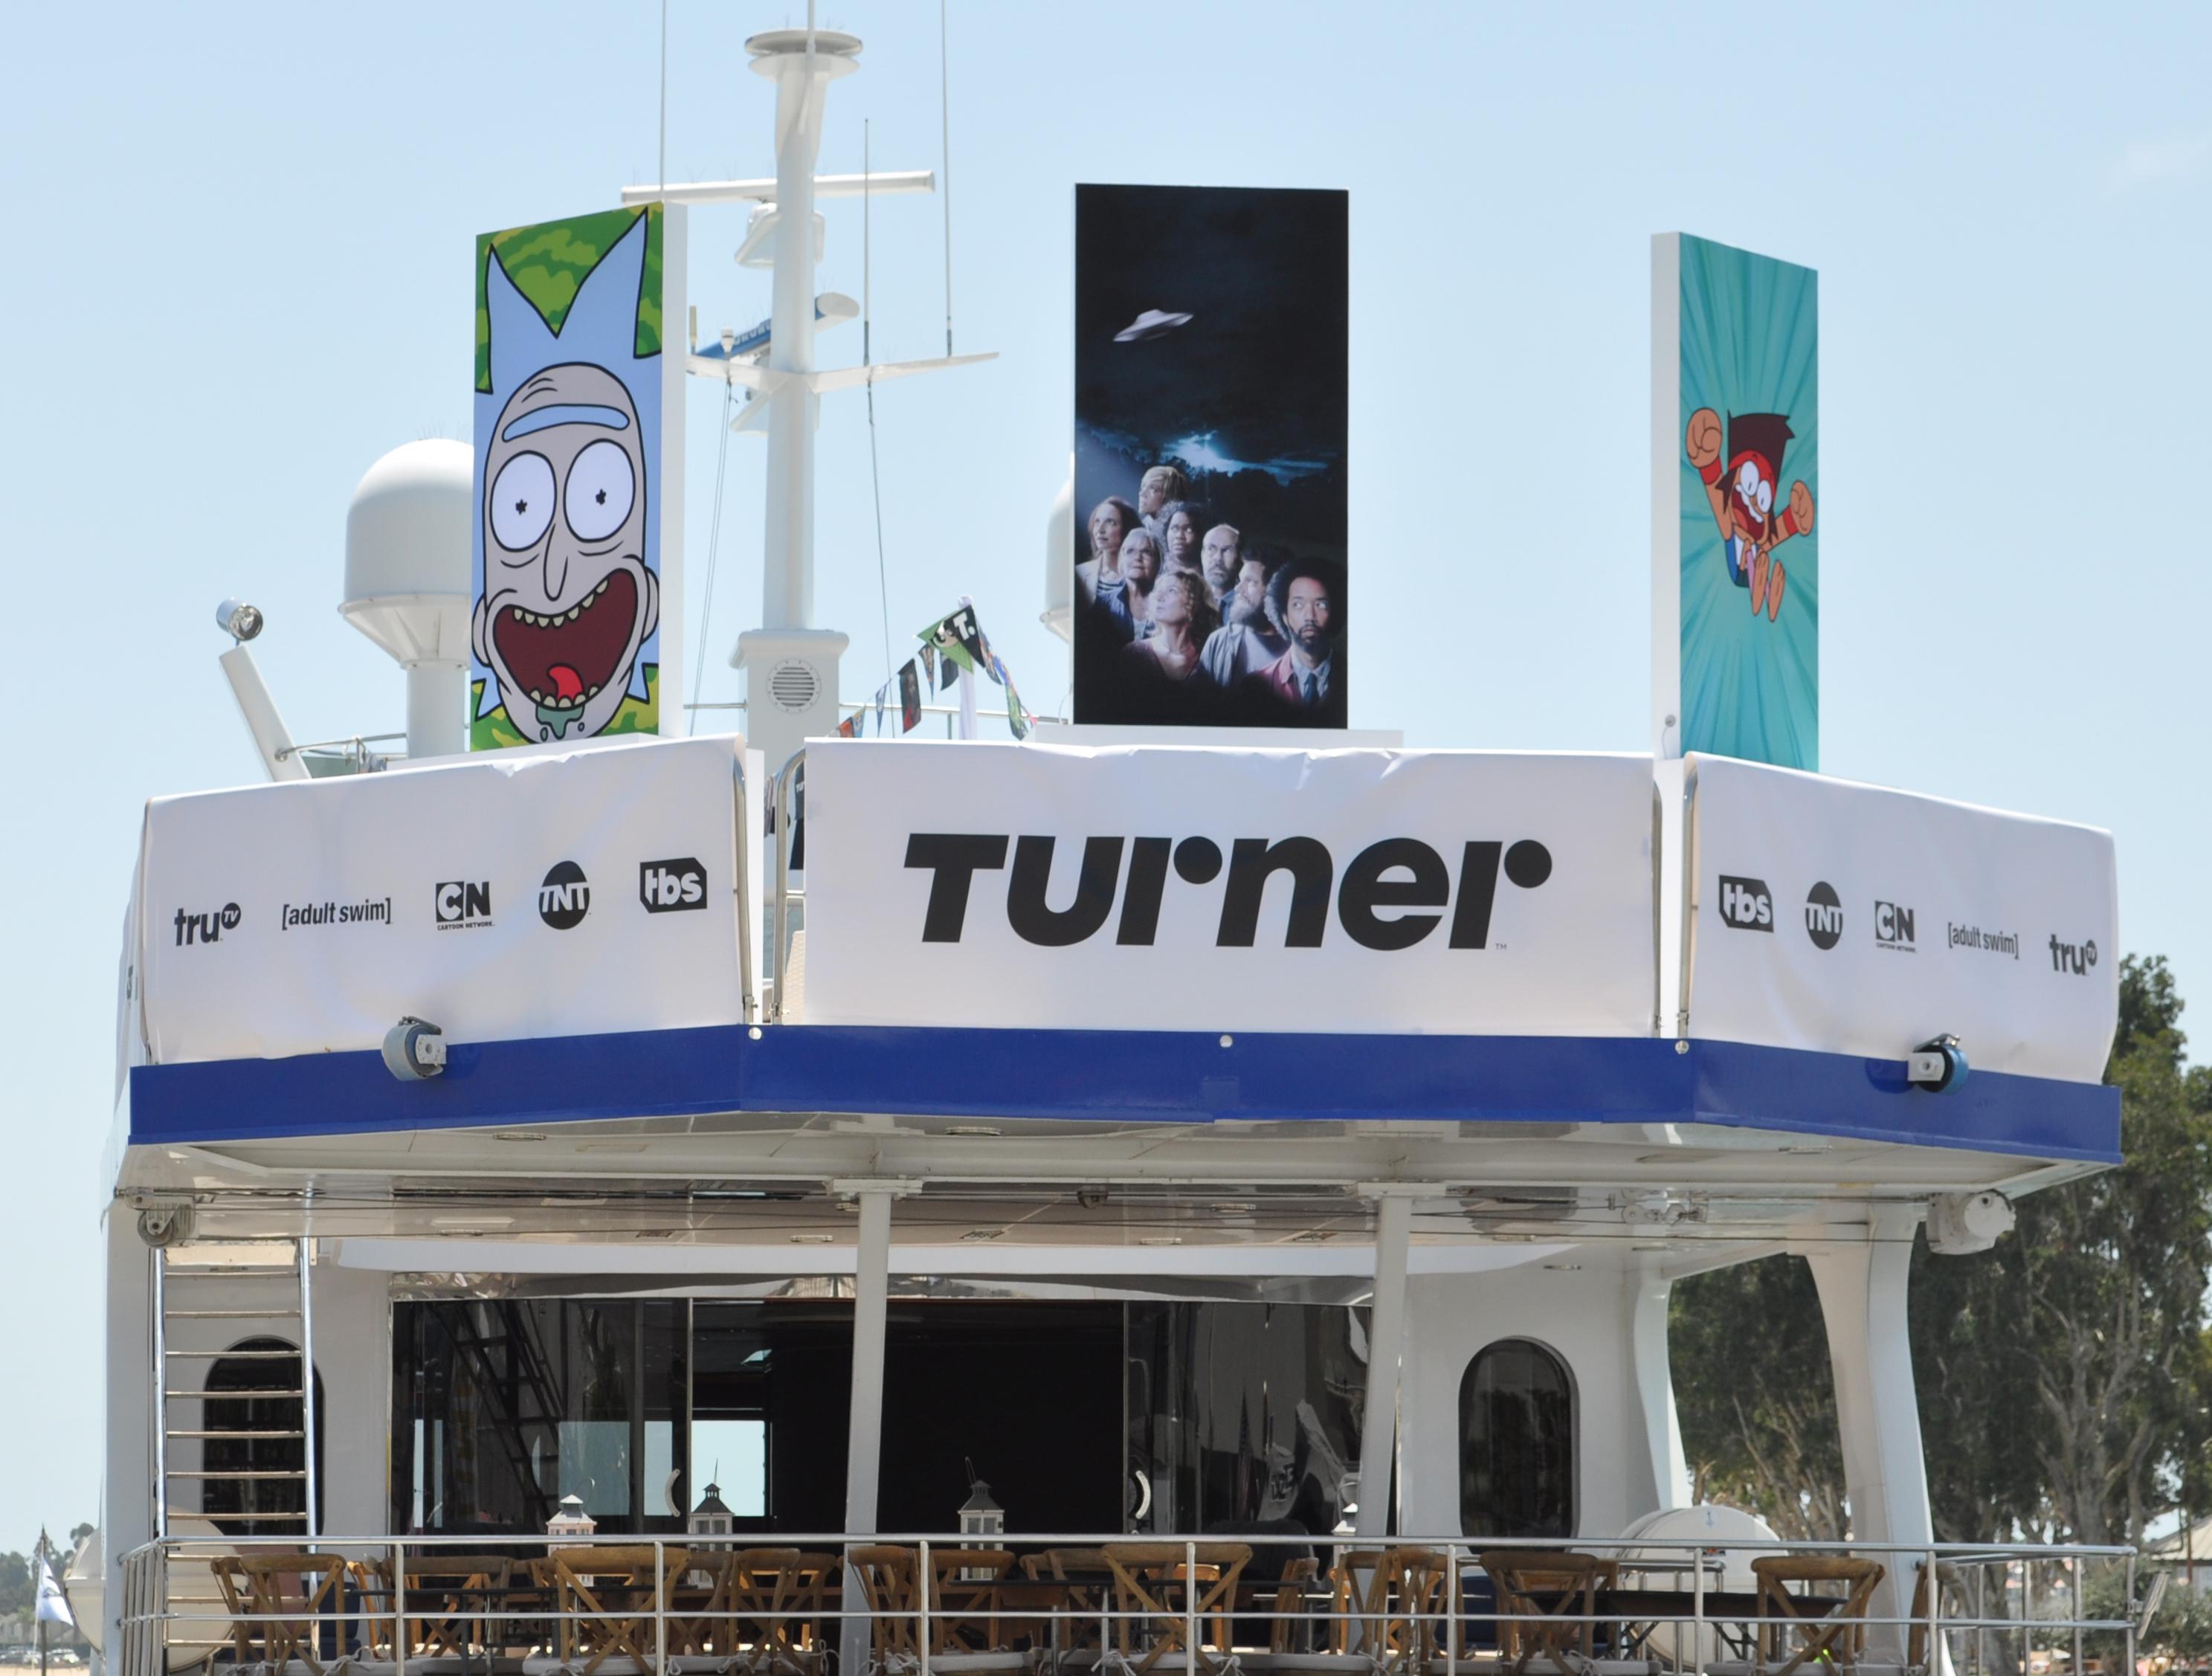 turner-boat.jpg